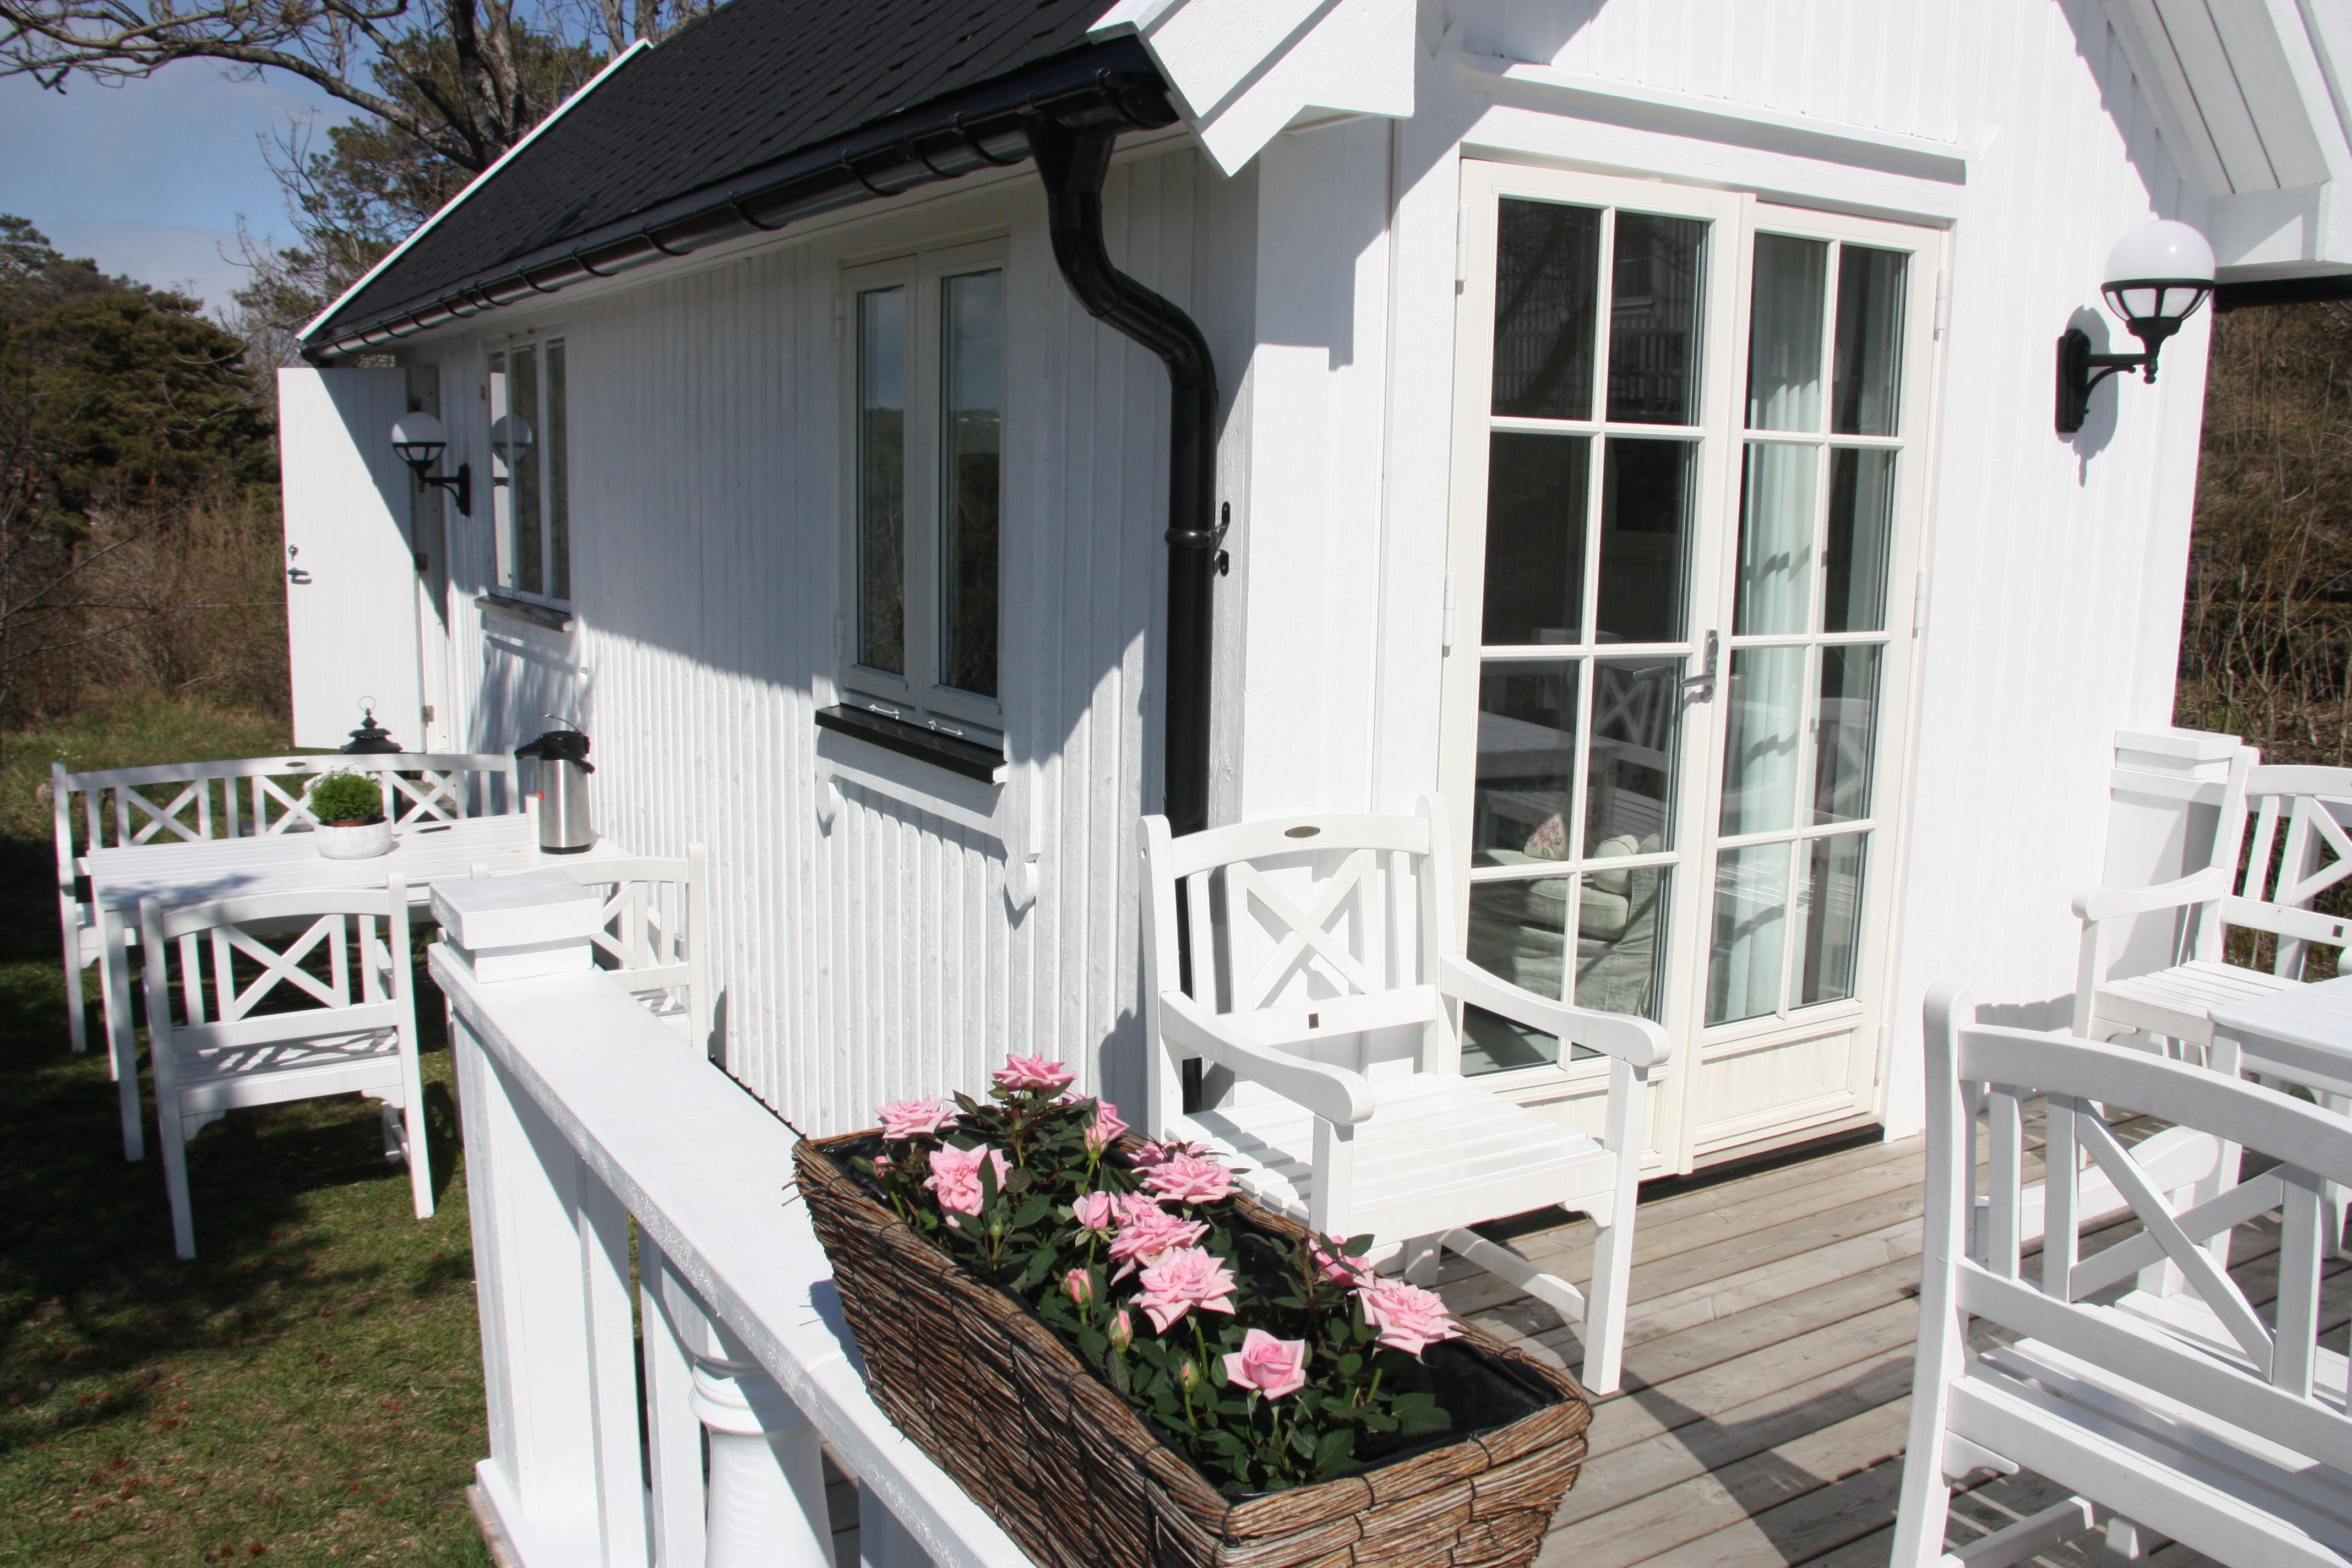 Langesund Bad ligger idyllisk til ved sjøen i Langesund, Telemark, © Langesund Bad